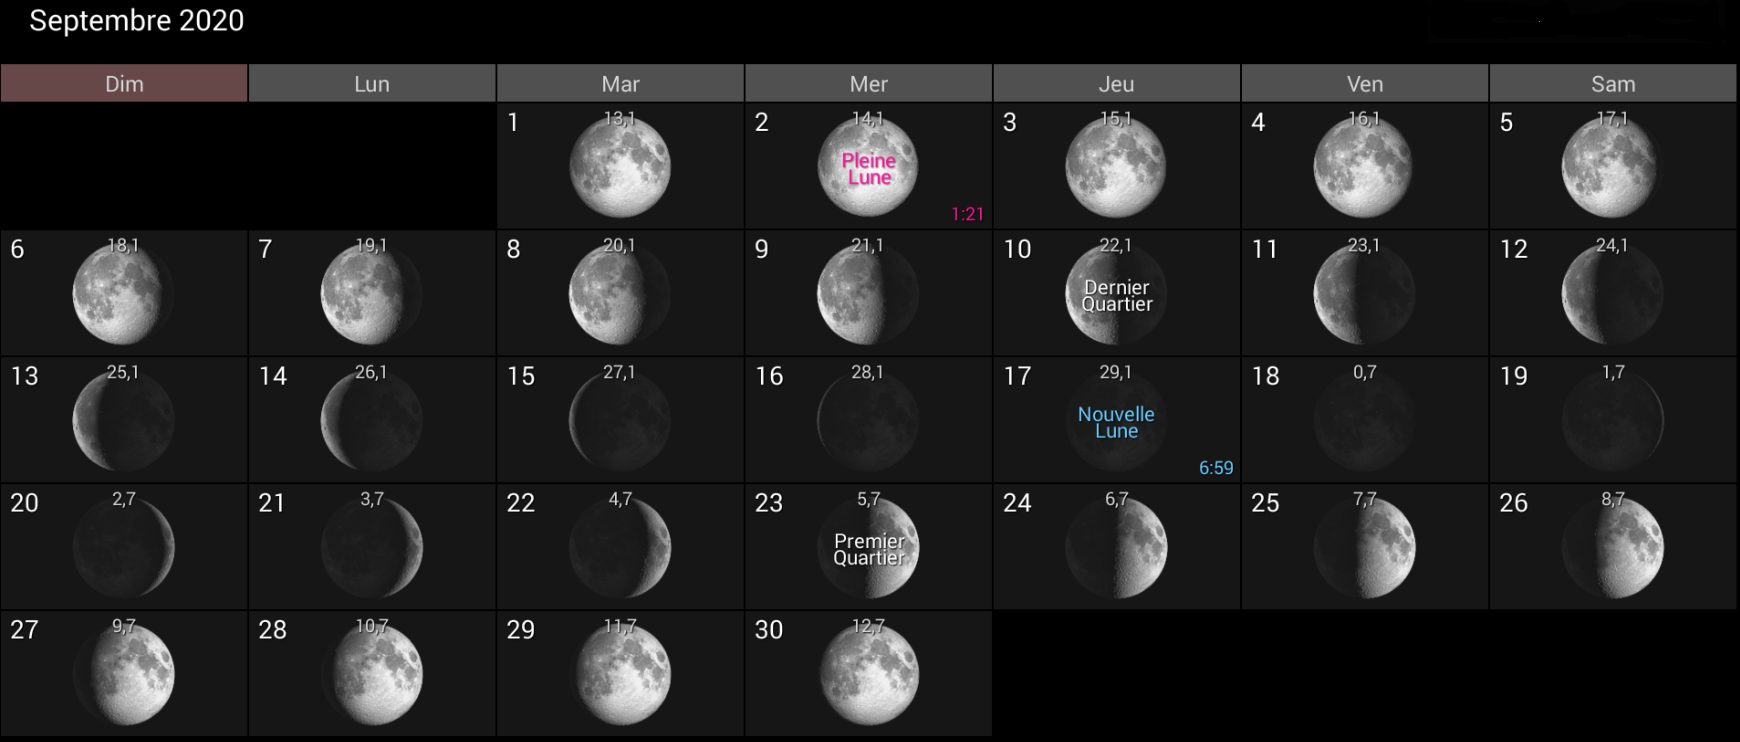 Les phases de la Lune pour le mois de septembre 2020